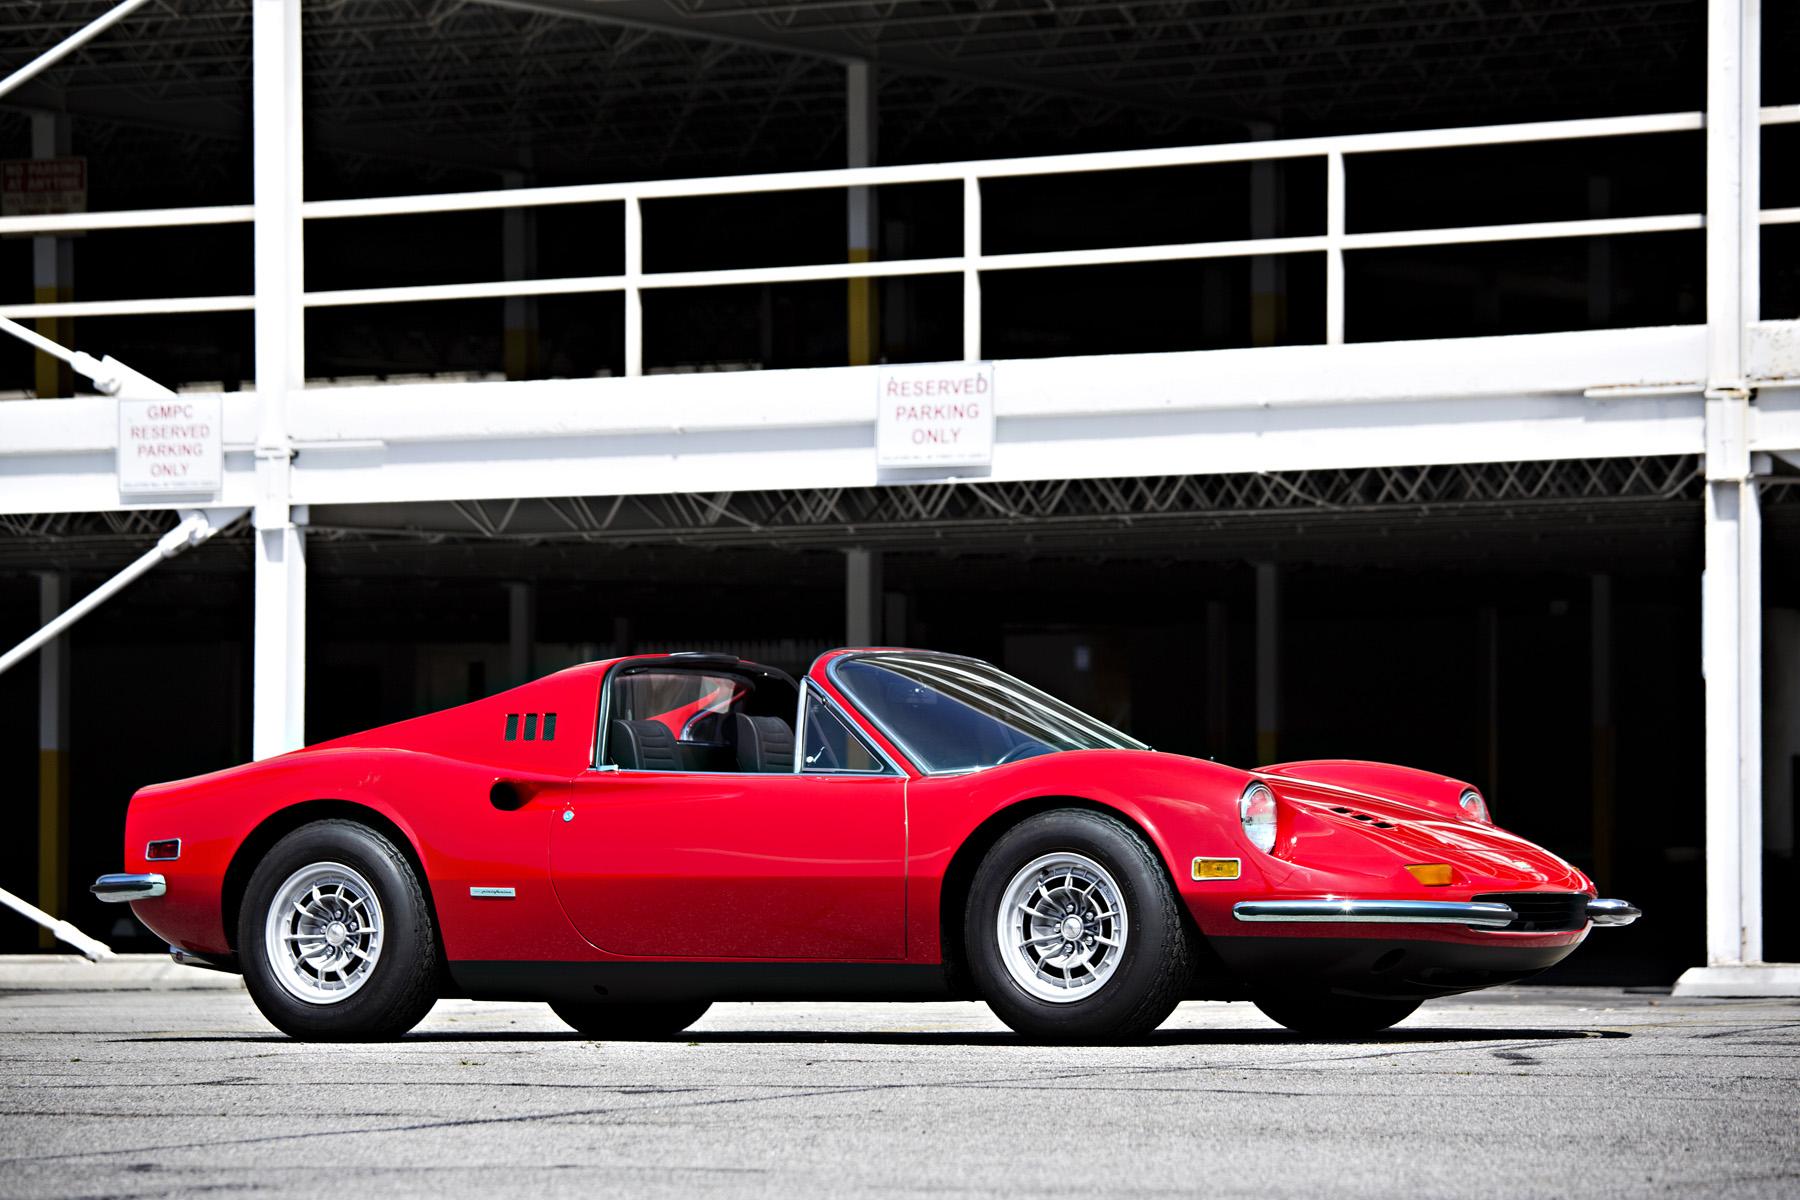 On the block: 1974 Ferrari Dino 246 GTS (Estimate: $350,000 - $425,000). Image courtesy Gooding & Company.